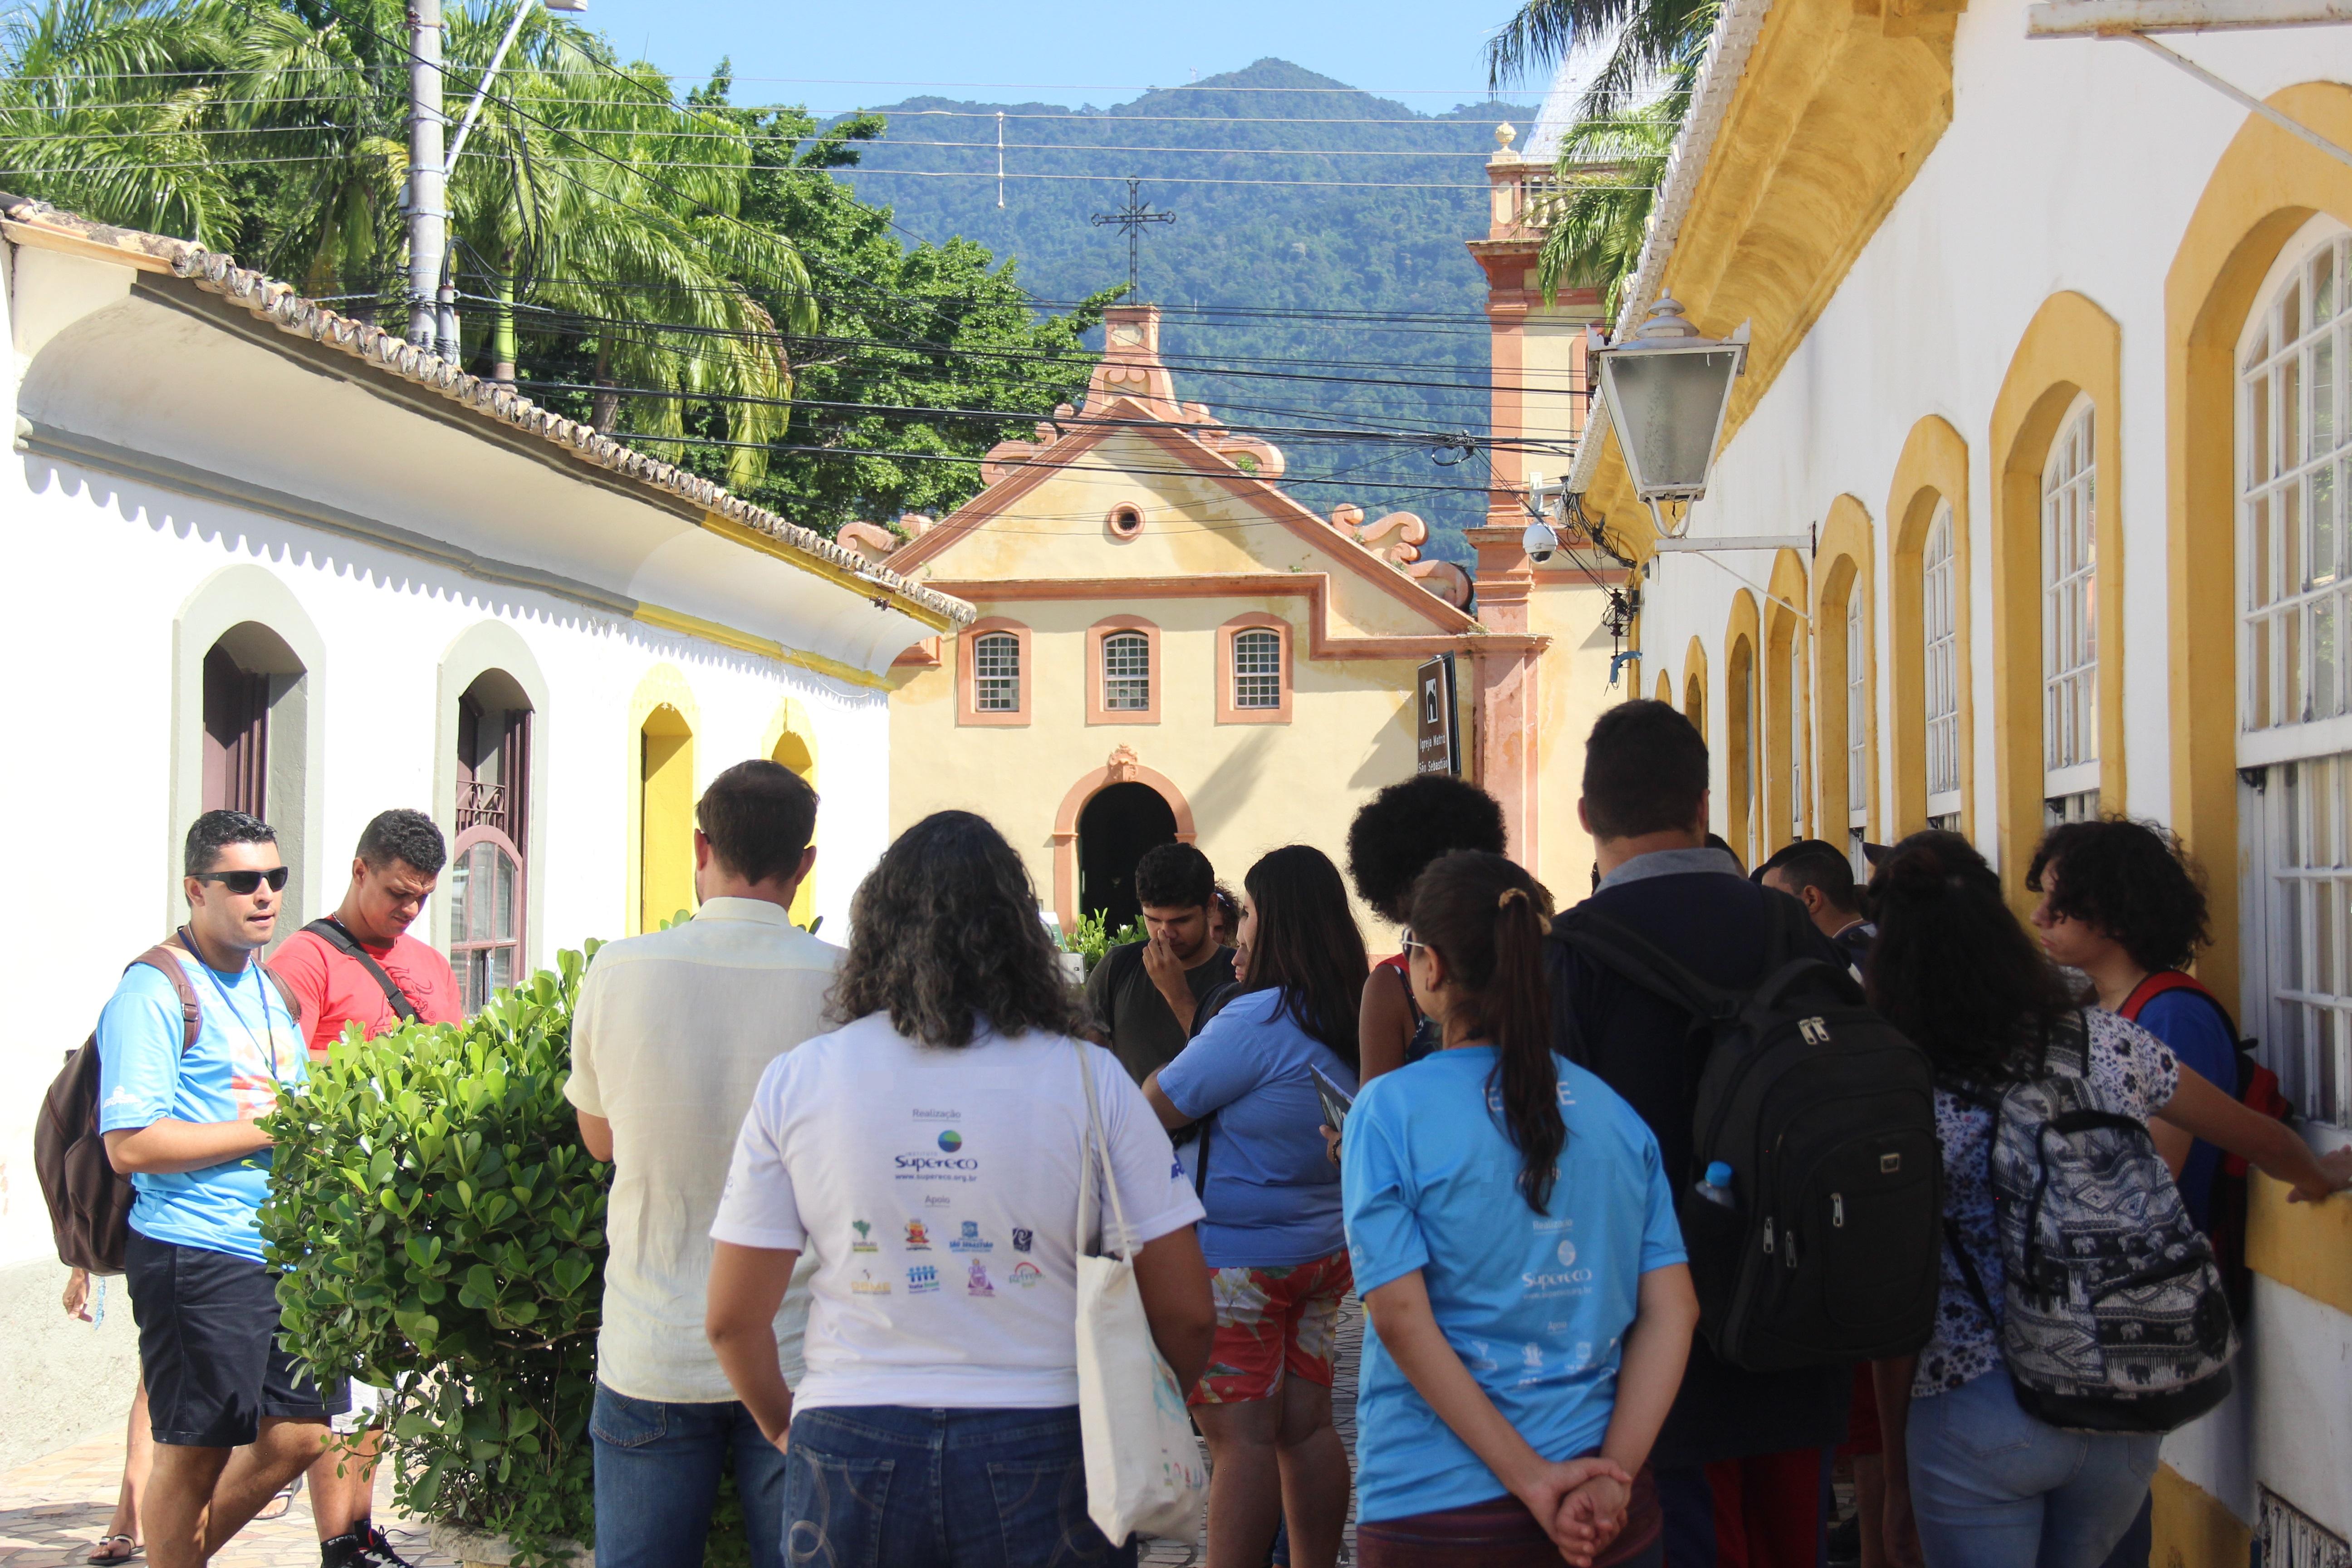 Visita monitorada pelo Centro Histórico